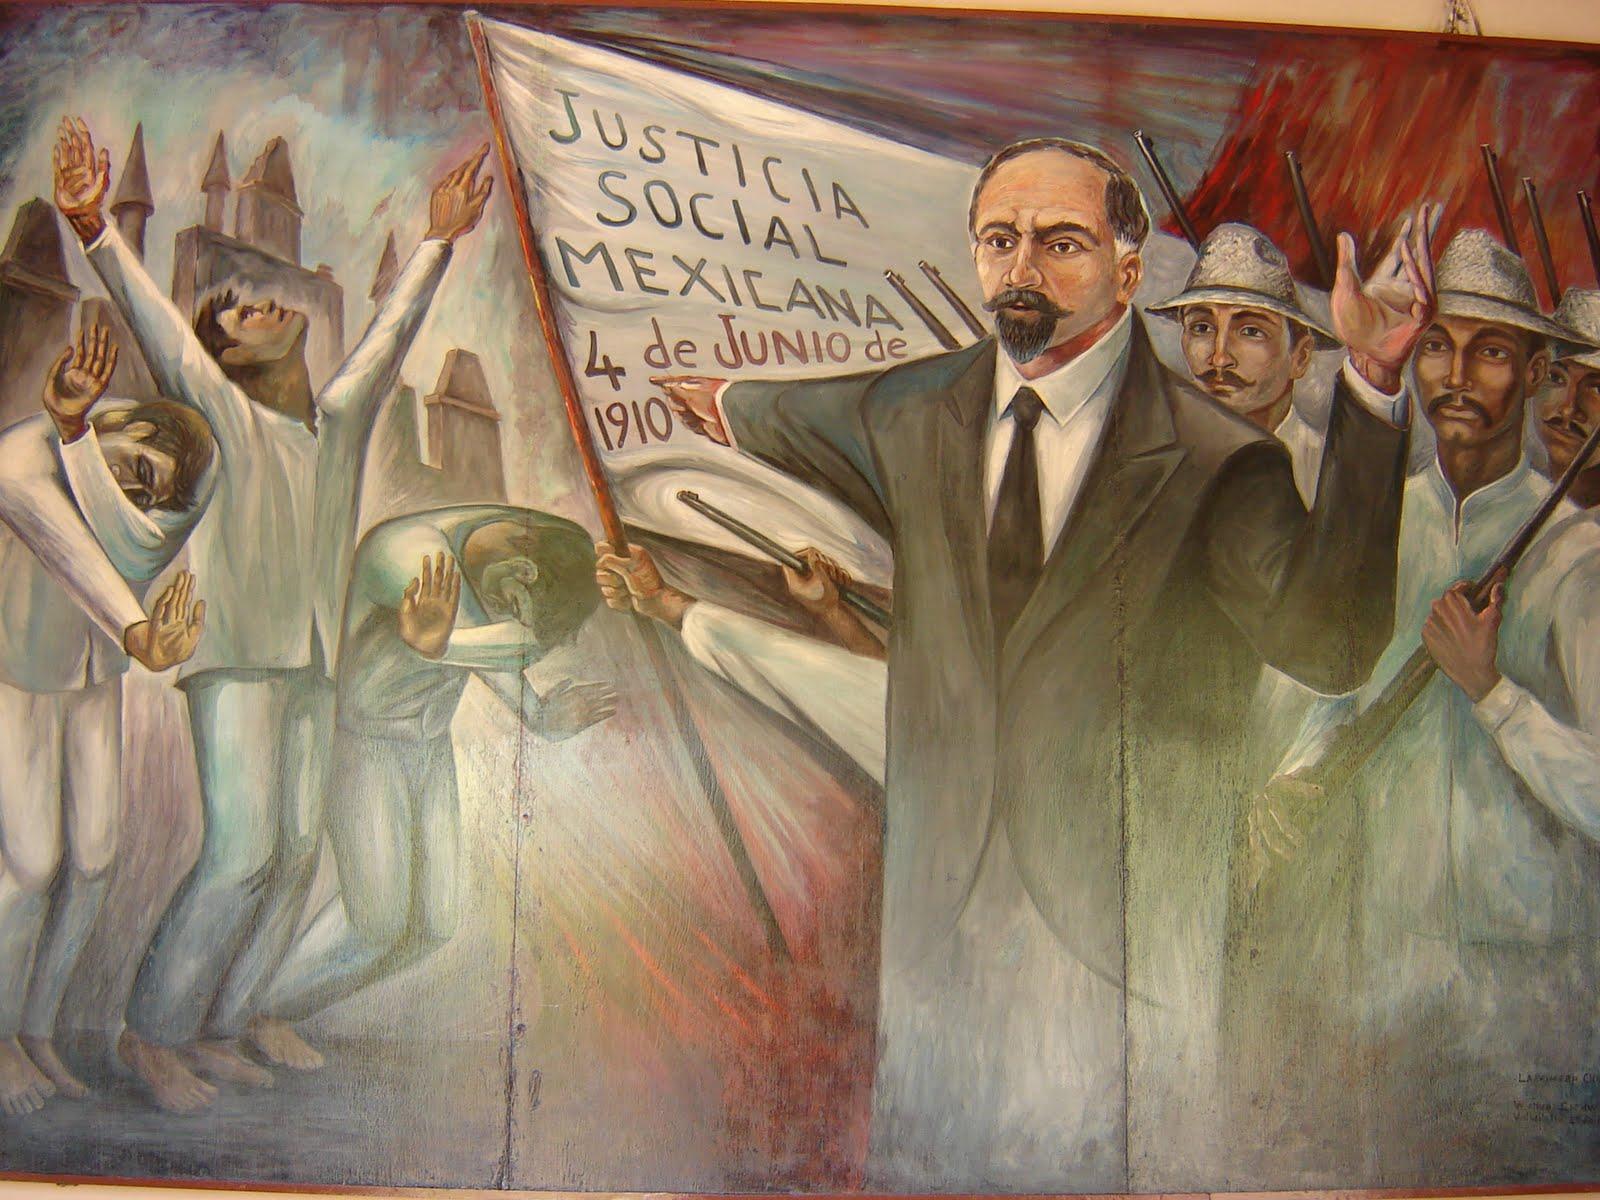 Una vuelta al 04 de Junio aniversario de la primera chispa de la revolución mexicana.